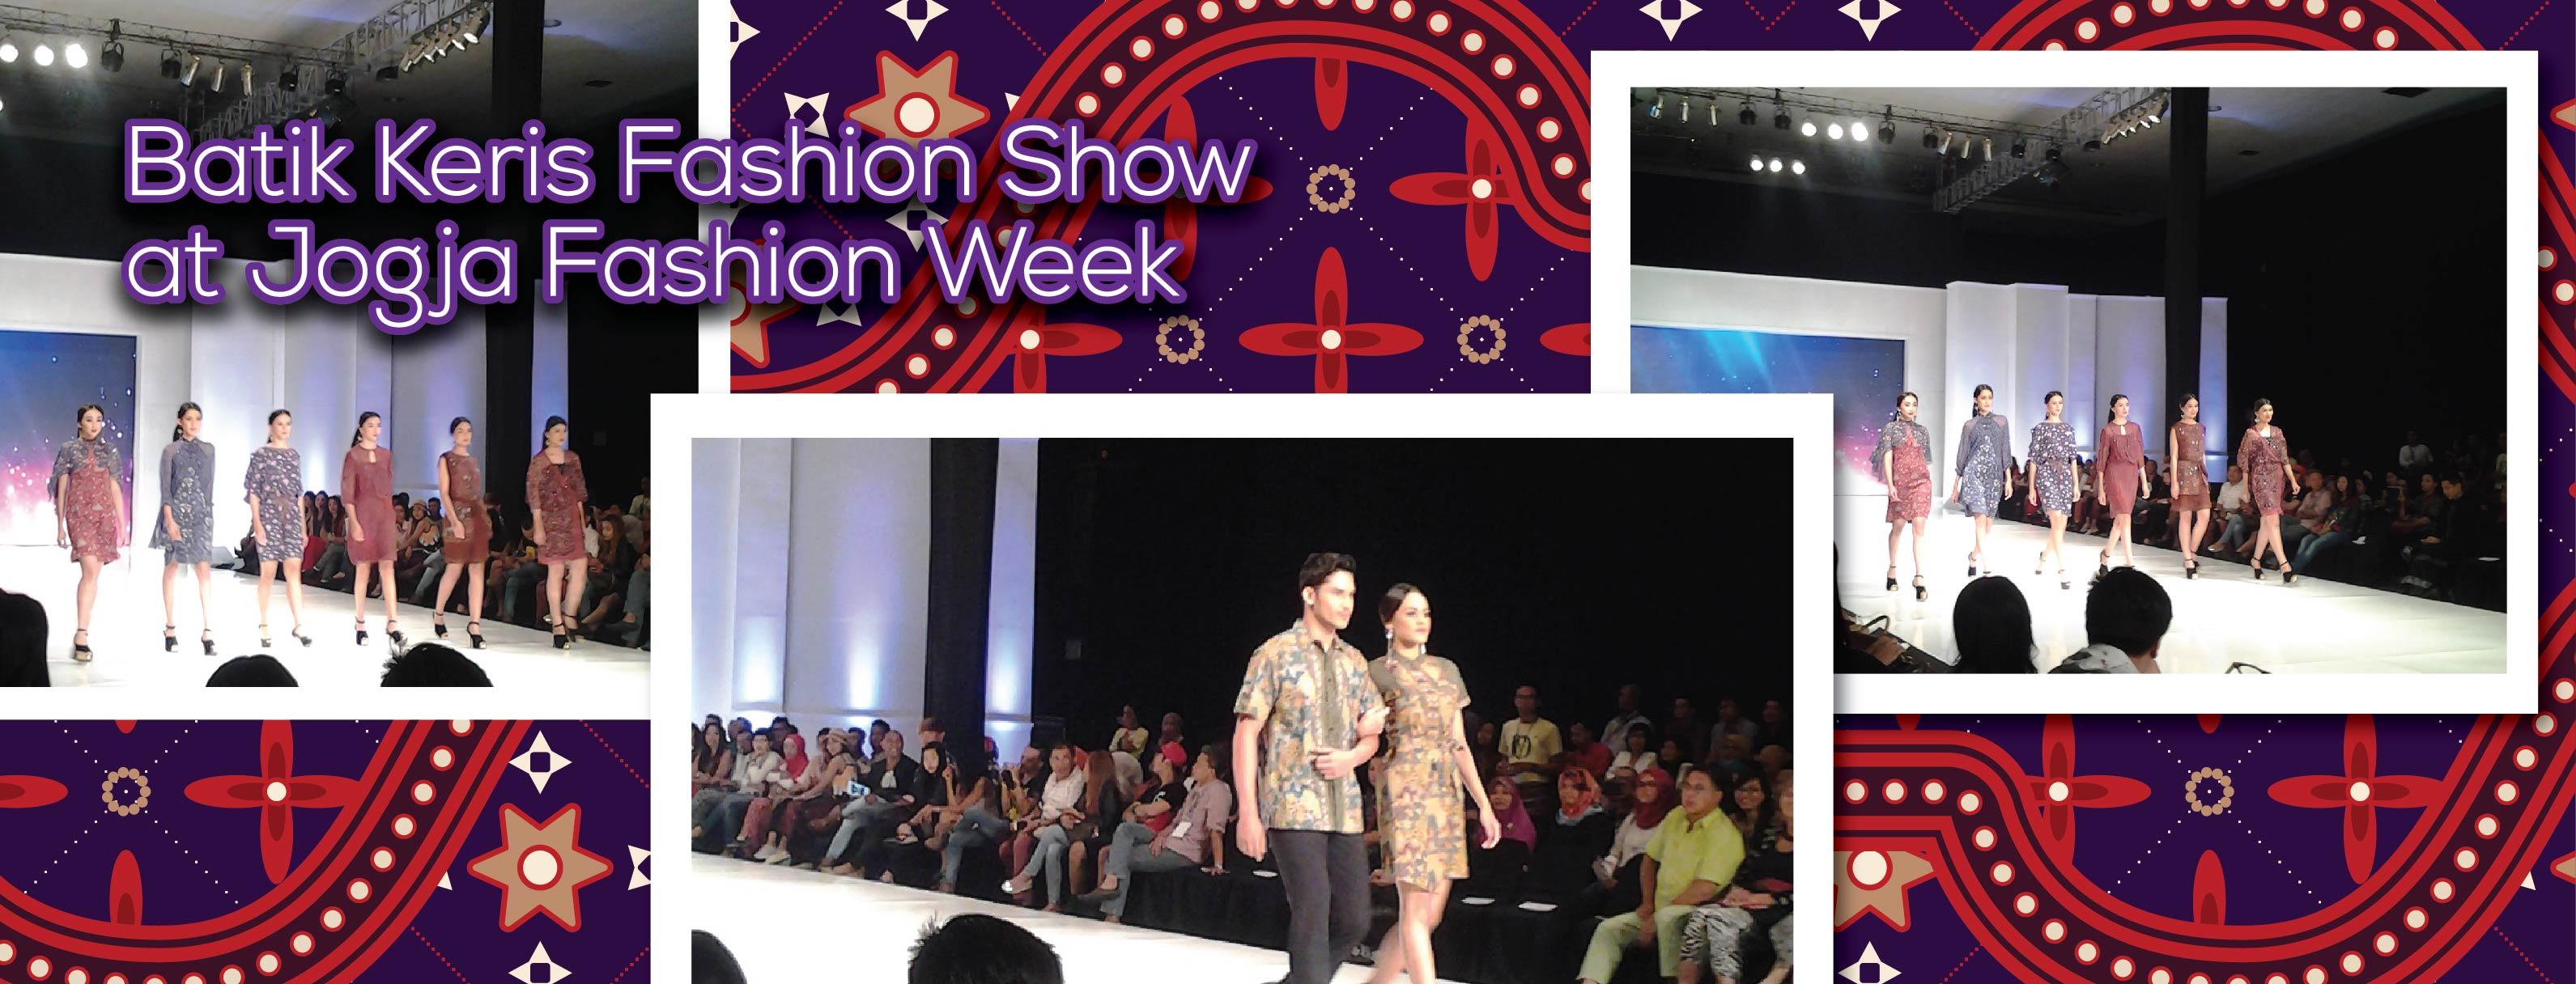 Batik Keris Fashion Show at Jogja Fashion Week